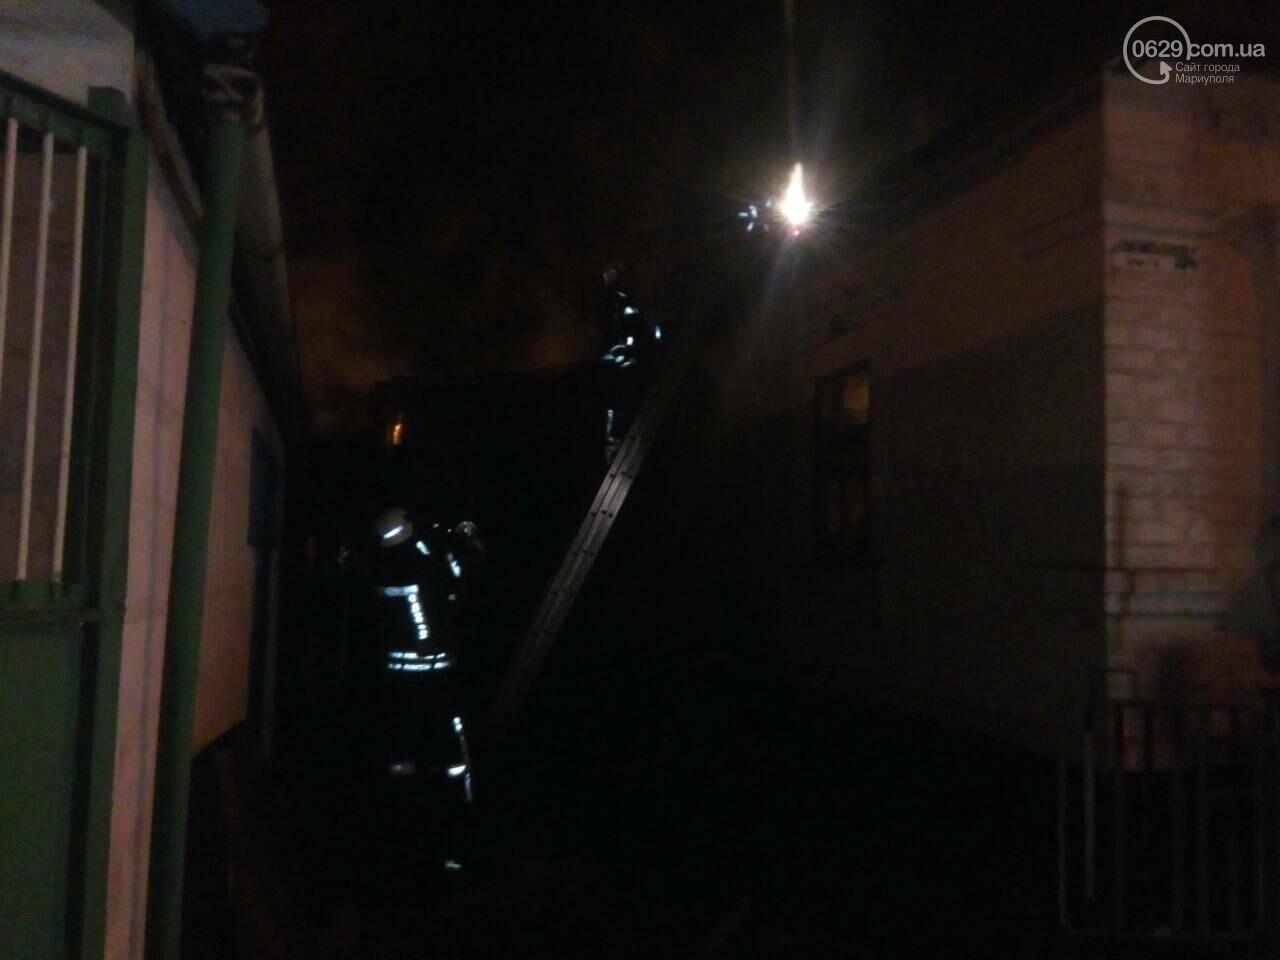 В Старом Крыму во время пожара в частном доме пострадал 88-летний пенсионер, - ФОТО, фото-1